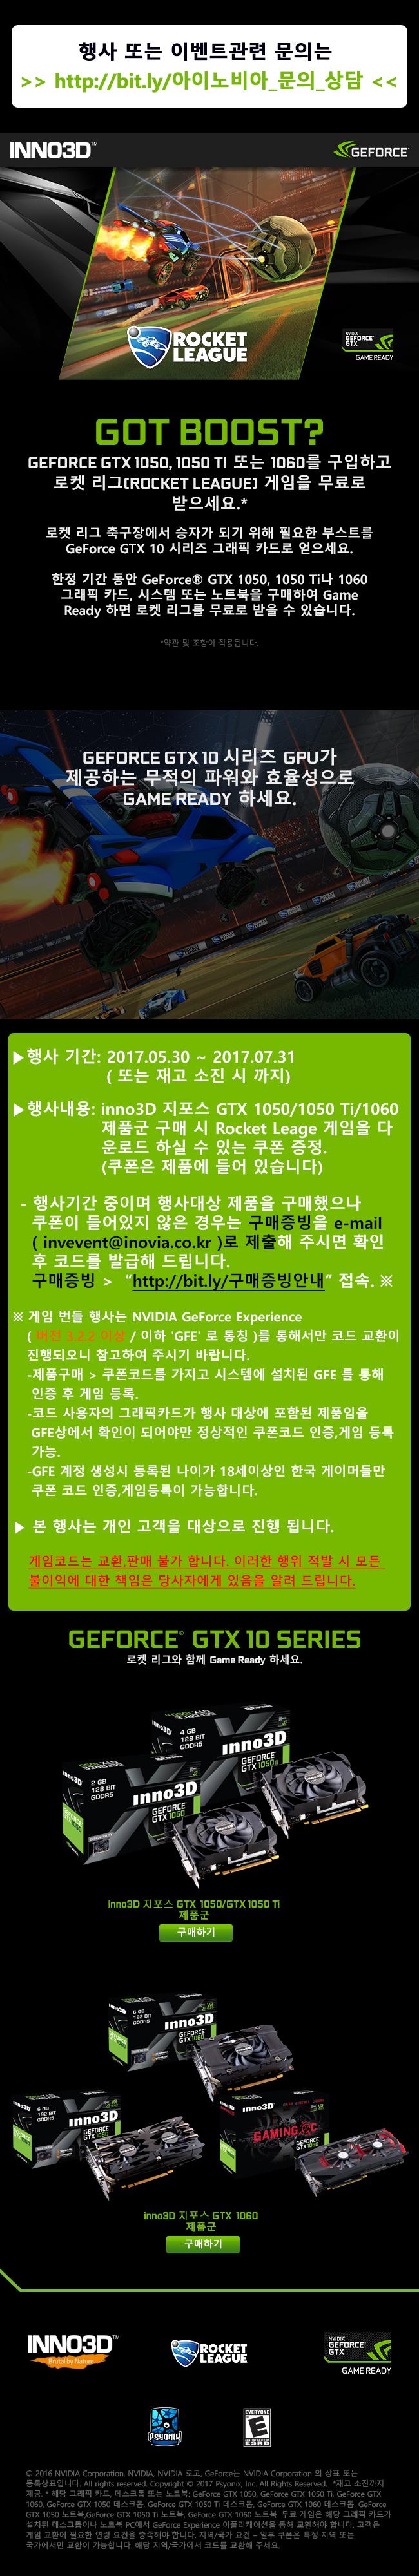 GeForce-Rocket_League-Channel-LP-7-1_jpg-mini.jpg